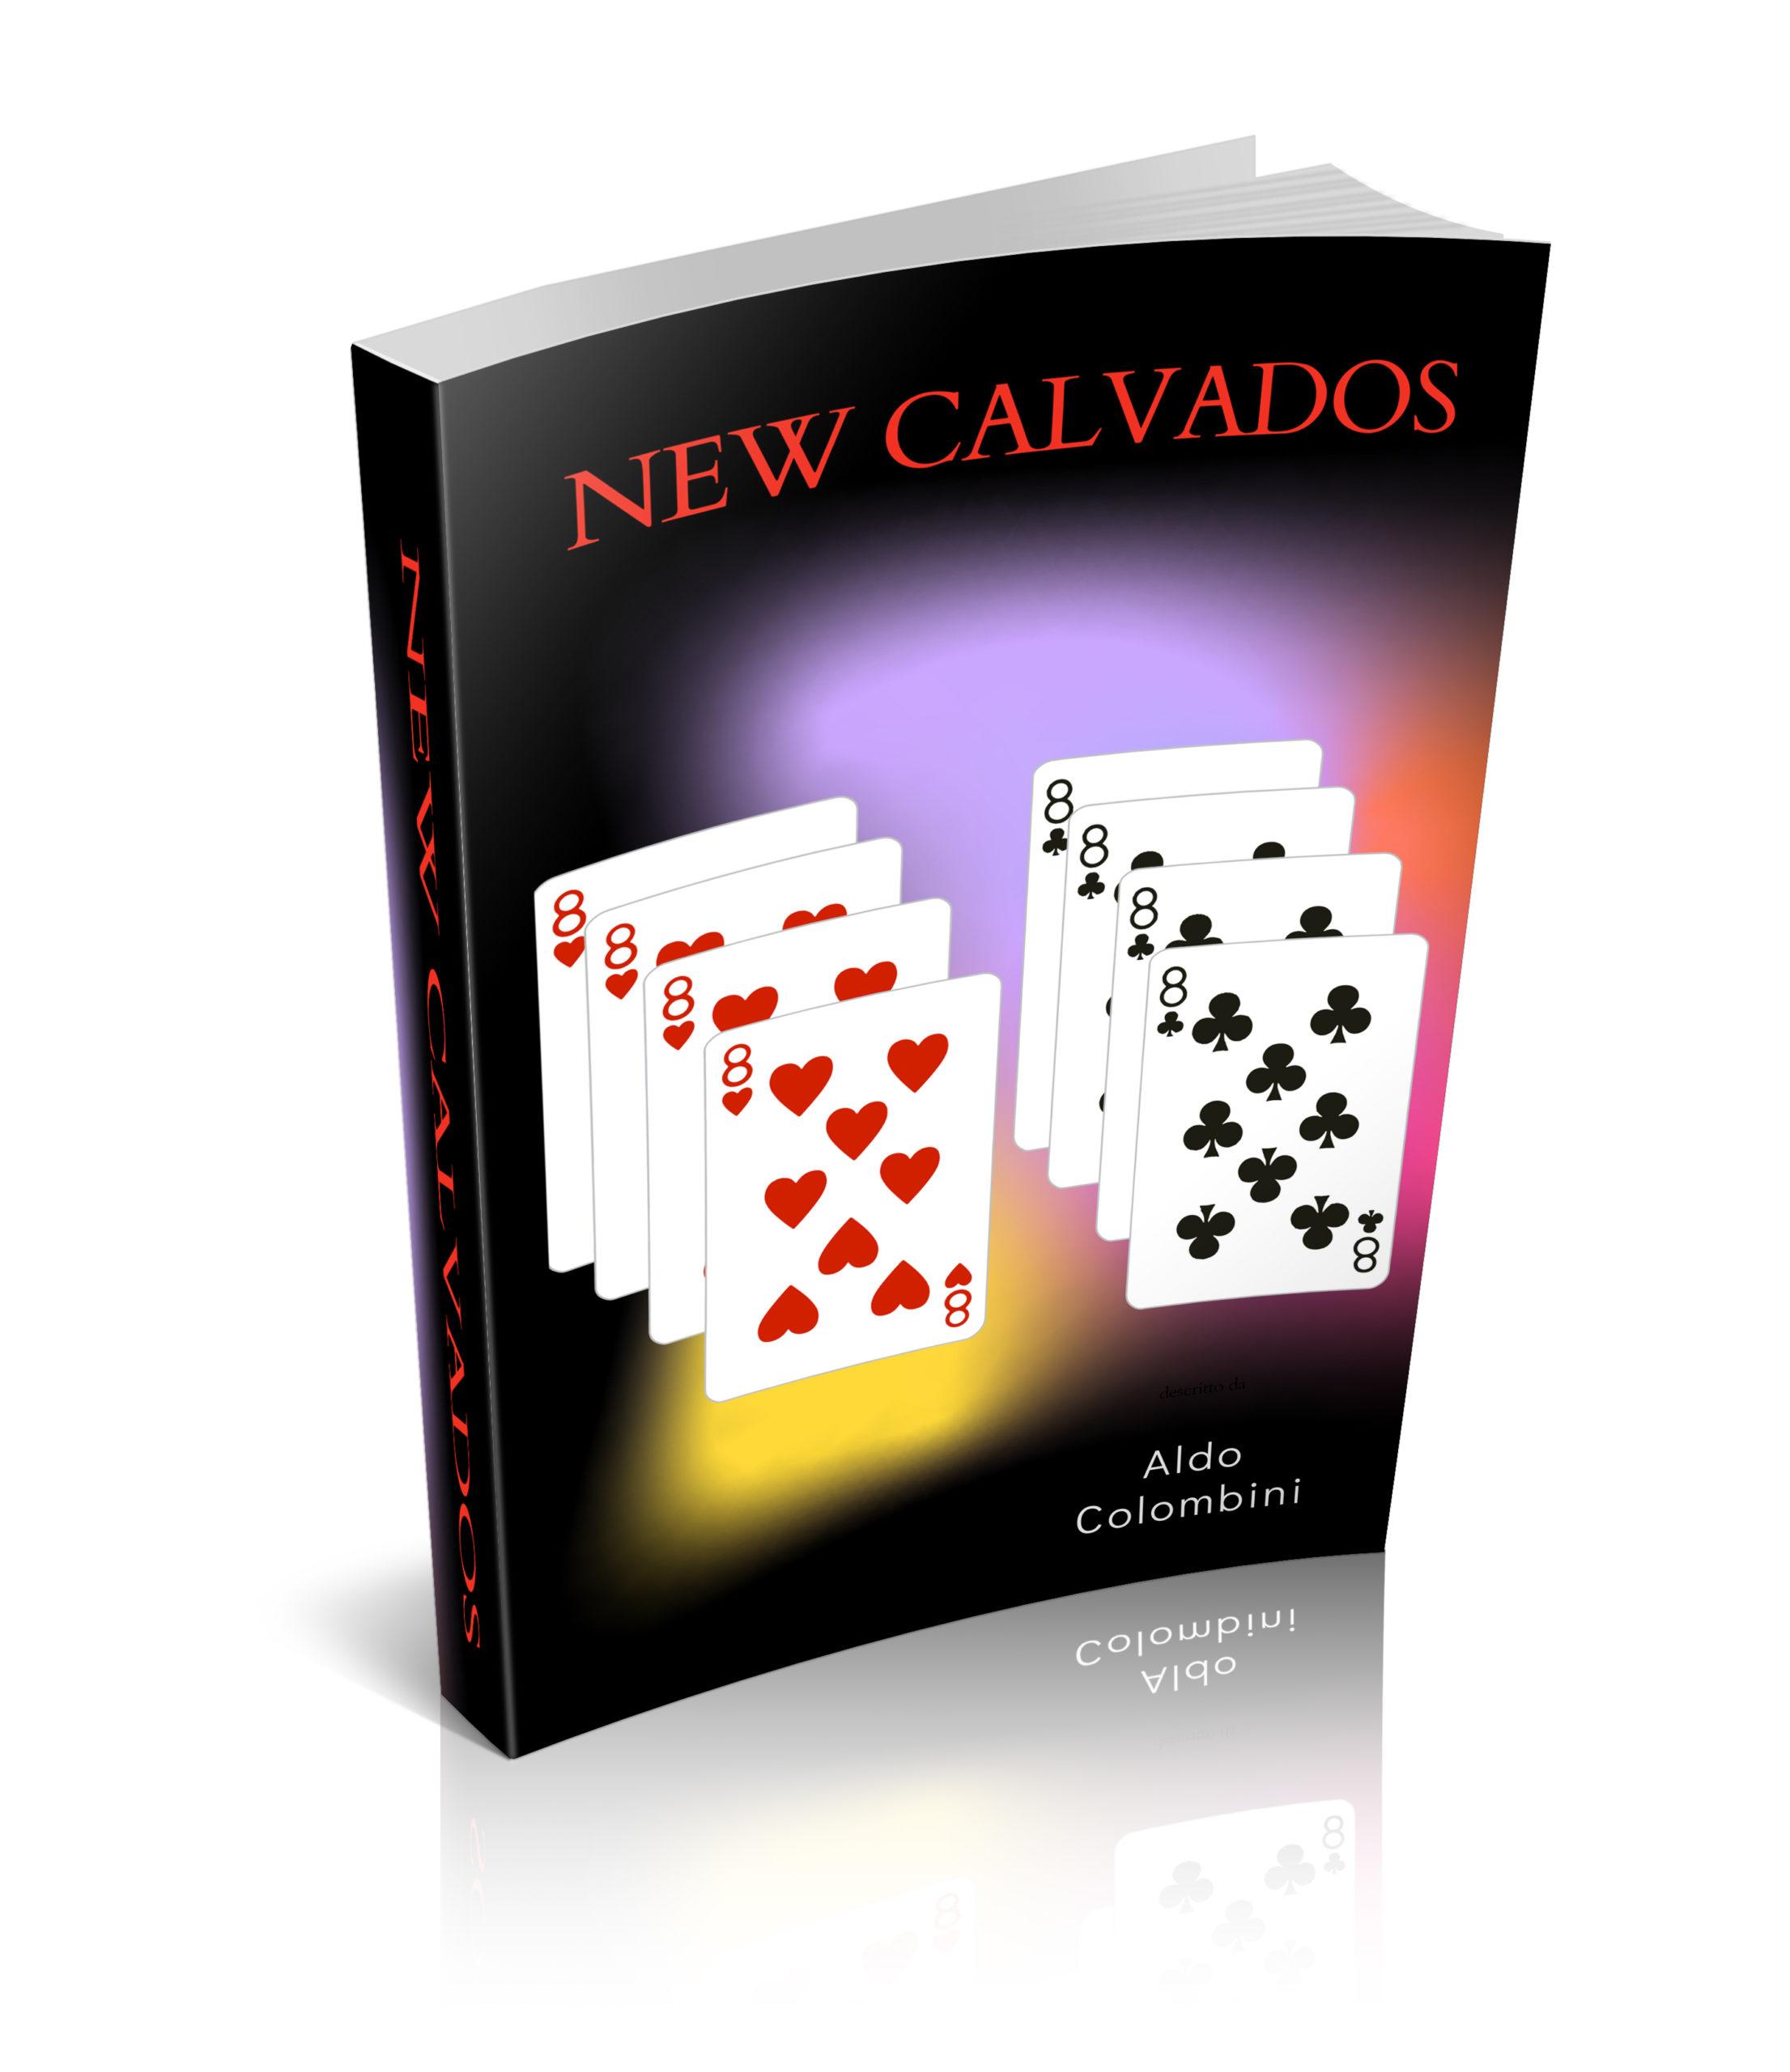 New Calvados